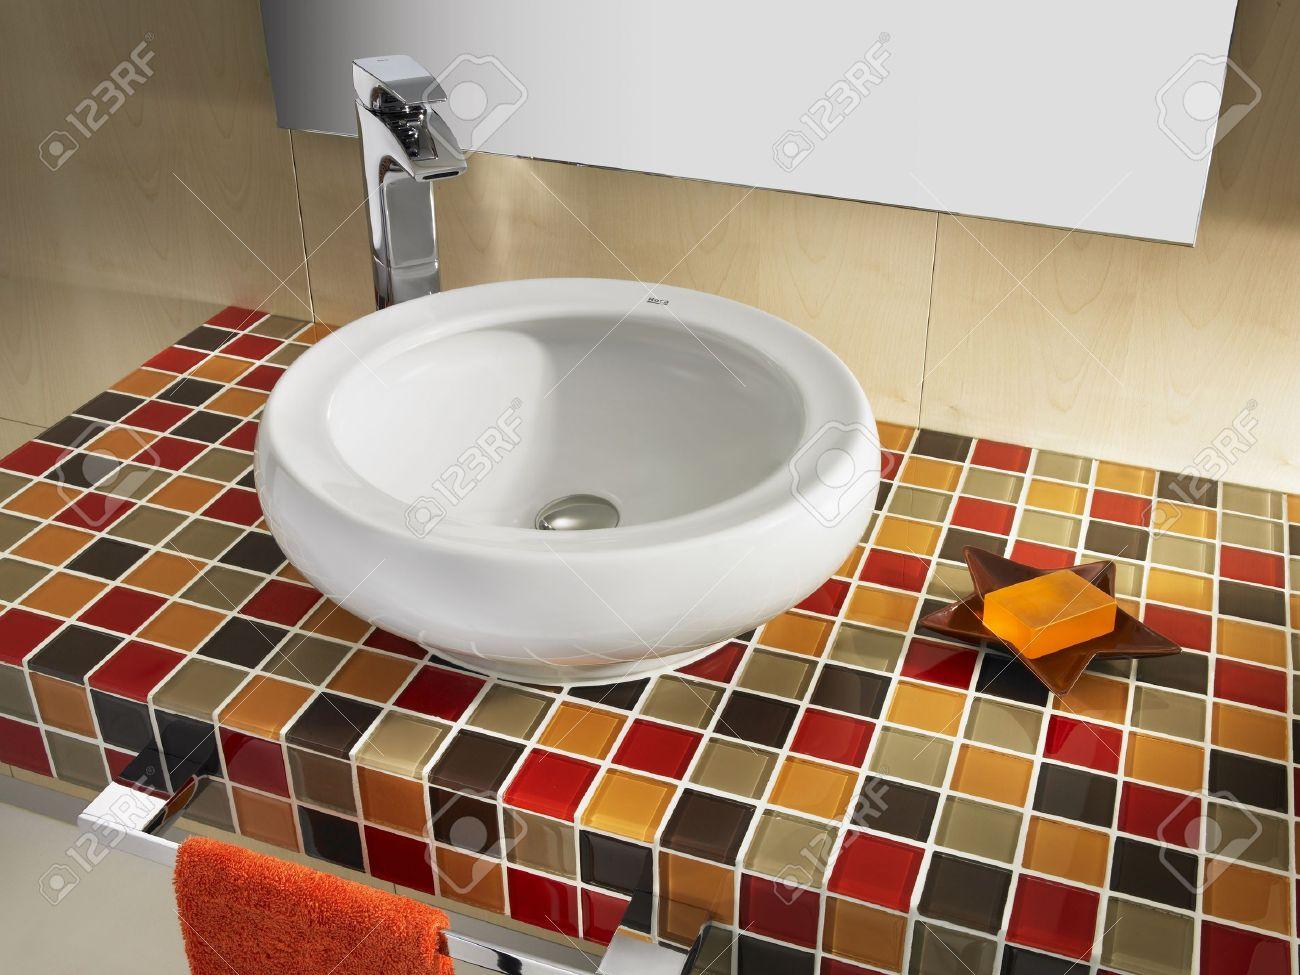 Badkamer interieur design huis luxe spiegel mozaïek badkamer